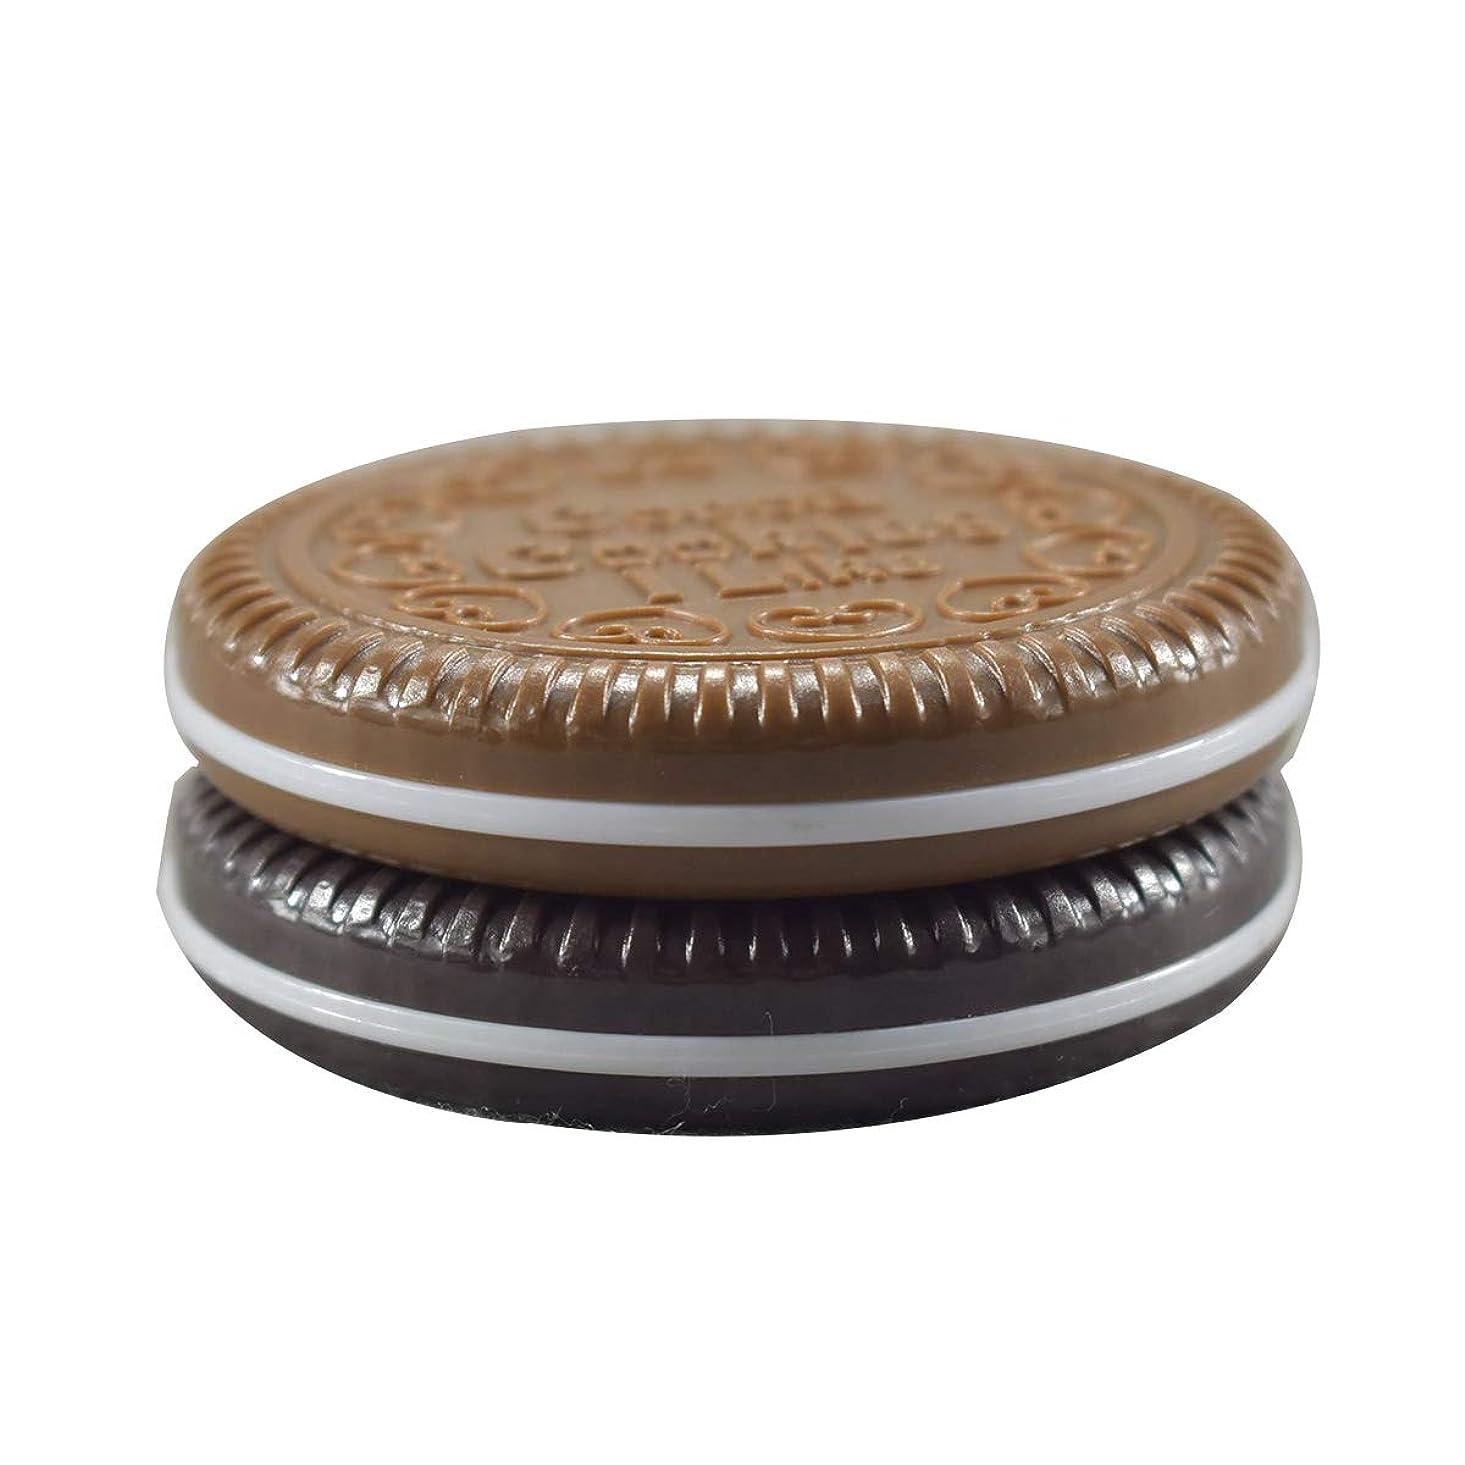 からかう常習者ピラミッドFrcolor 化粧鏡 携帯ミラー 折りたたみミラー 化粧ミラー コンパクトミラー 丸型 持ち運びに便利 チョコレートクッキー柄 コーム付き(ランダムカラー)